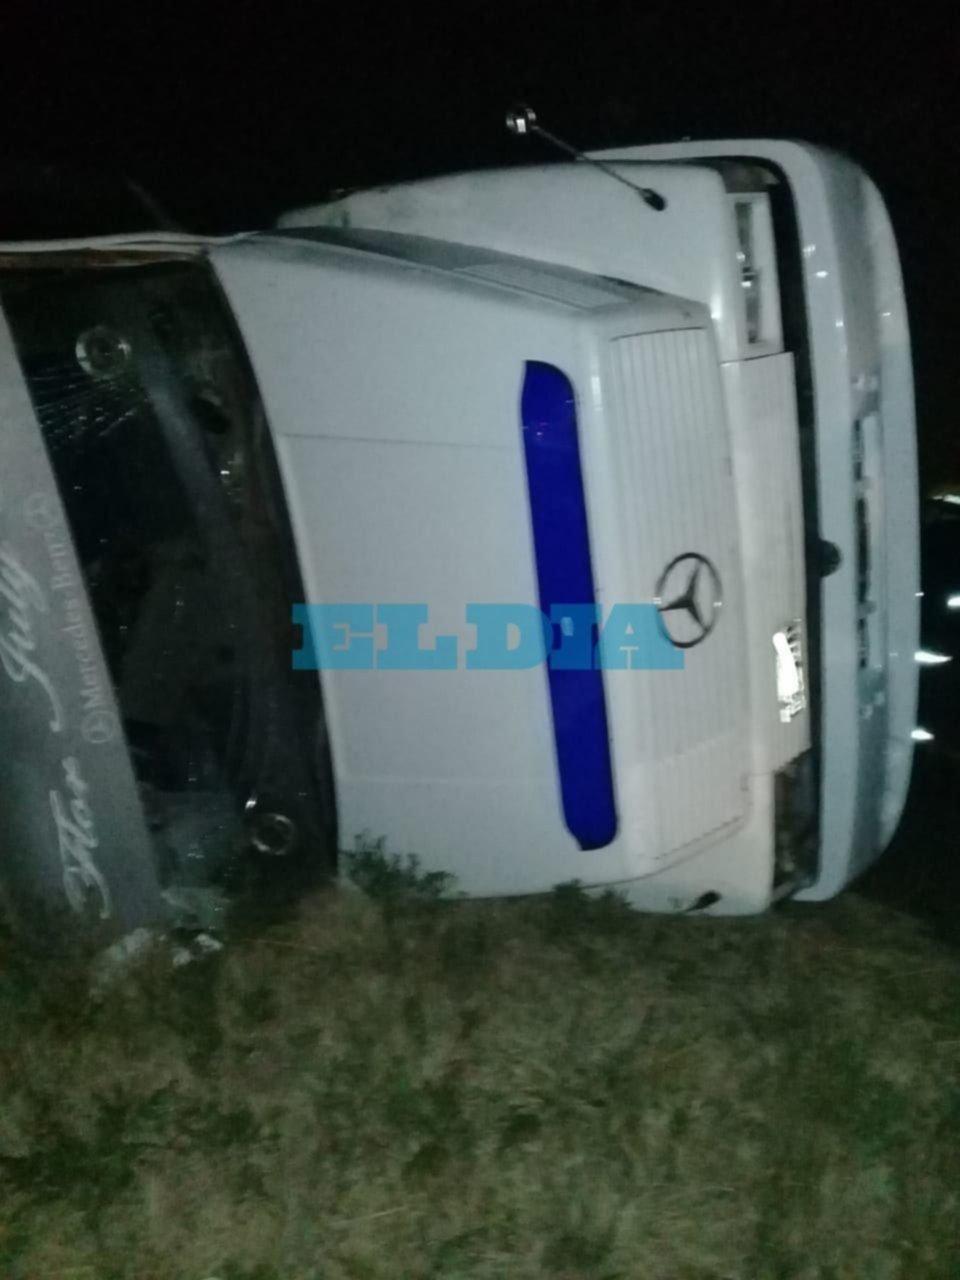 Hubo complicaciones en el tránsito en ruta 6 por el vuelco de un camión